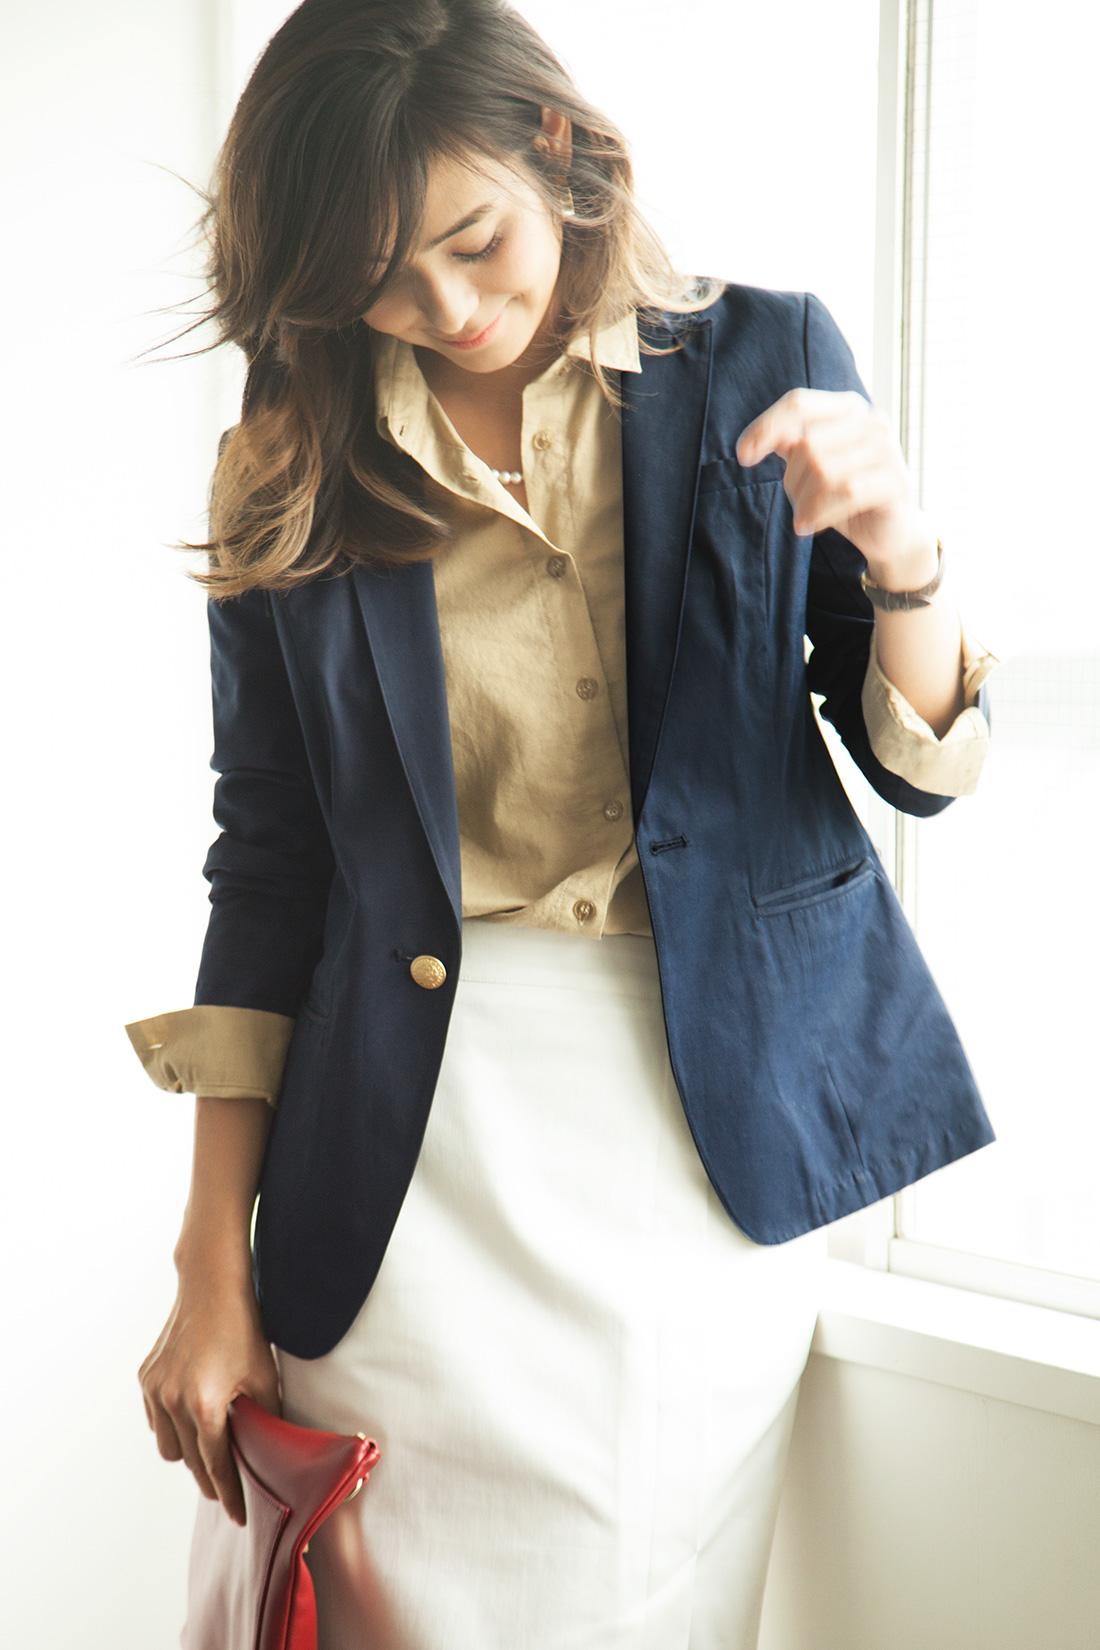 シャツ×スカートの永遠コーデのはおりに。インが春らしい色でもきりっと締まります。